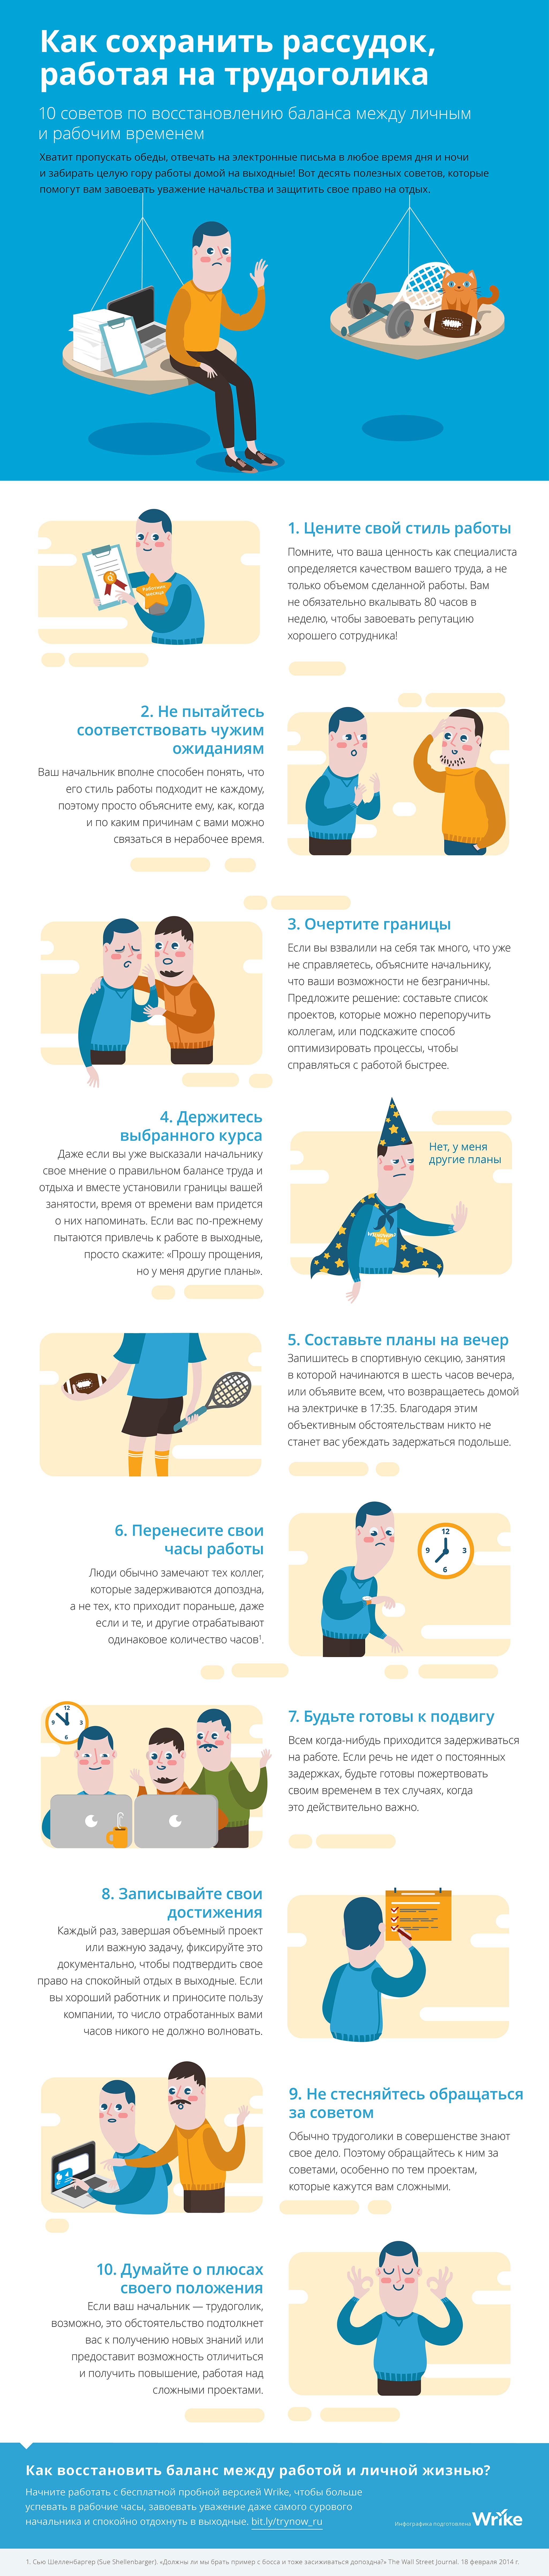 Как сохранить рассудок, работая на трудоголика: 10советов по восстановлению баланса между личным и рабочим временем (инфографика)